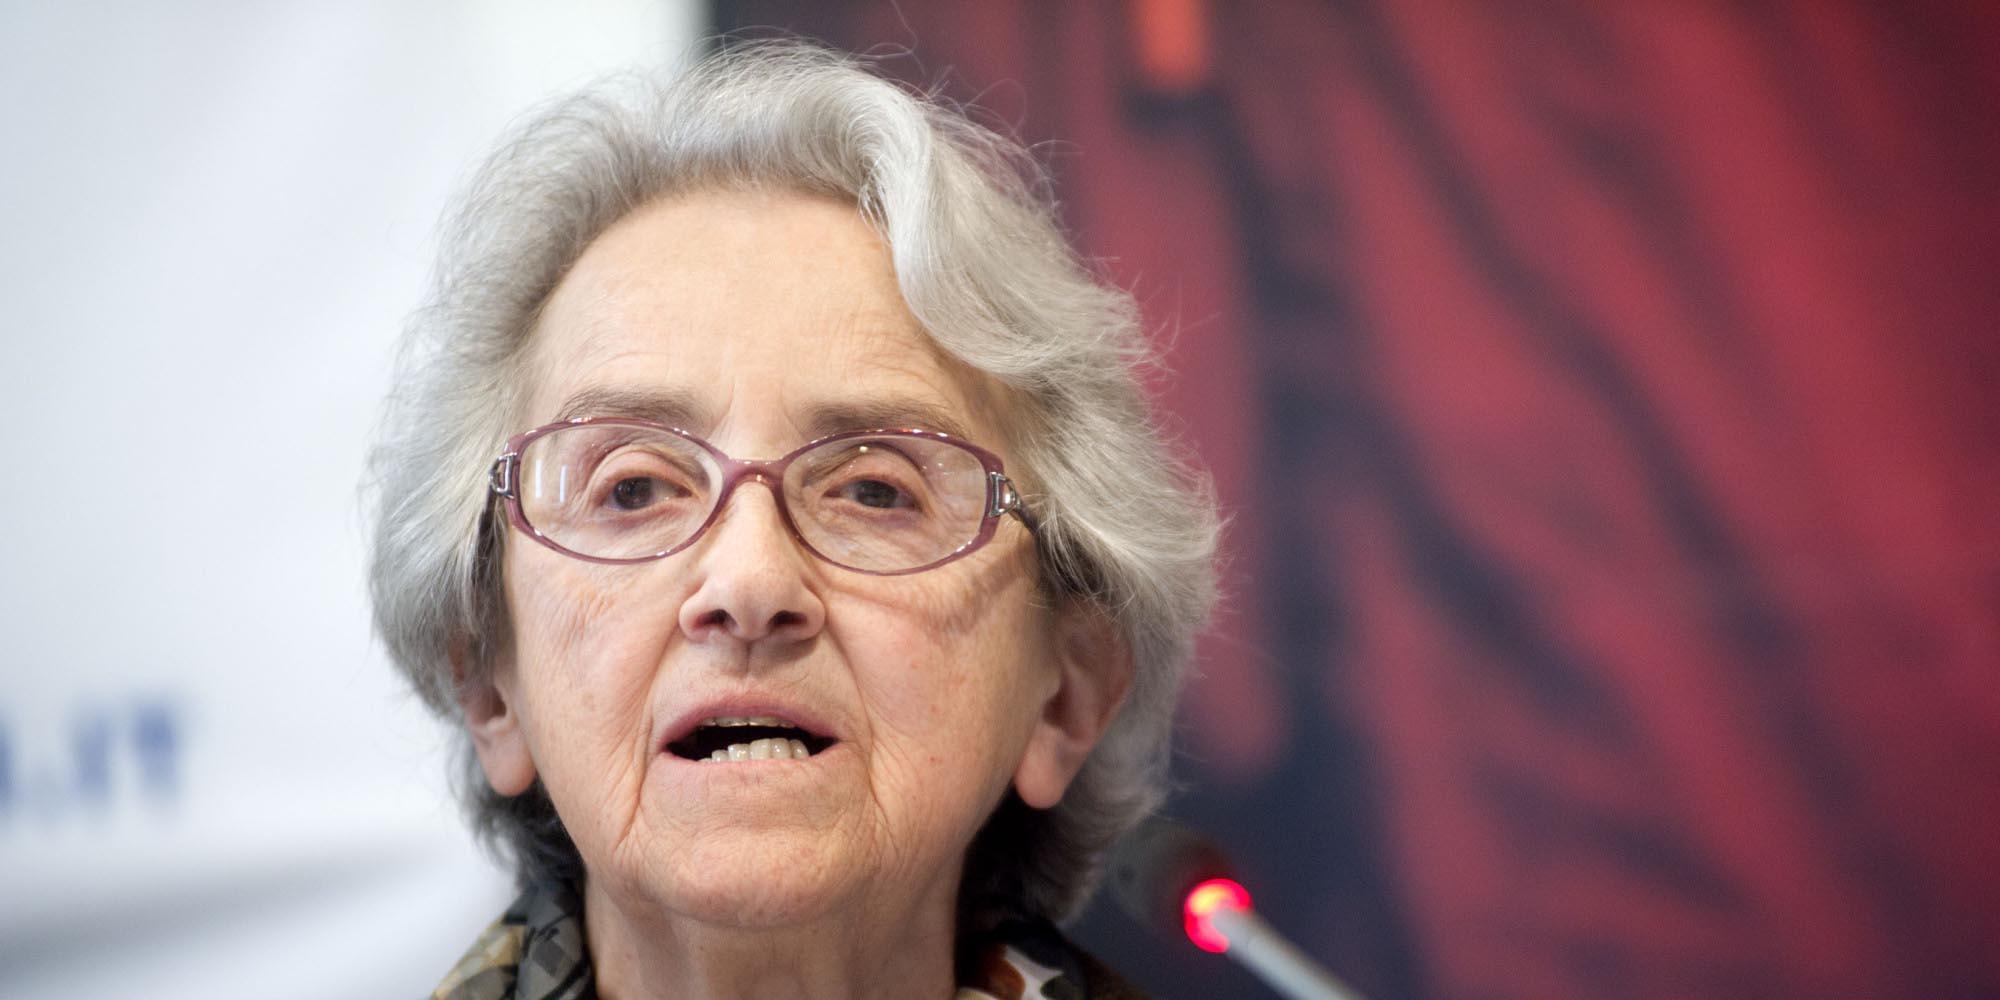 18/03/2014 Roma, Conferenza stampa promossa dai Radicali Italiani per chiedere al Parlamento l'avvio di una indagine conoscitiva sull'eutanasia. Nella foto Mina Welby